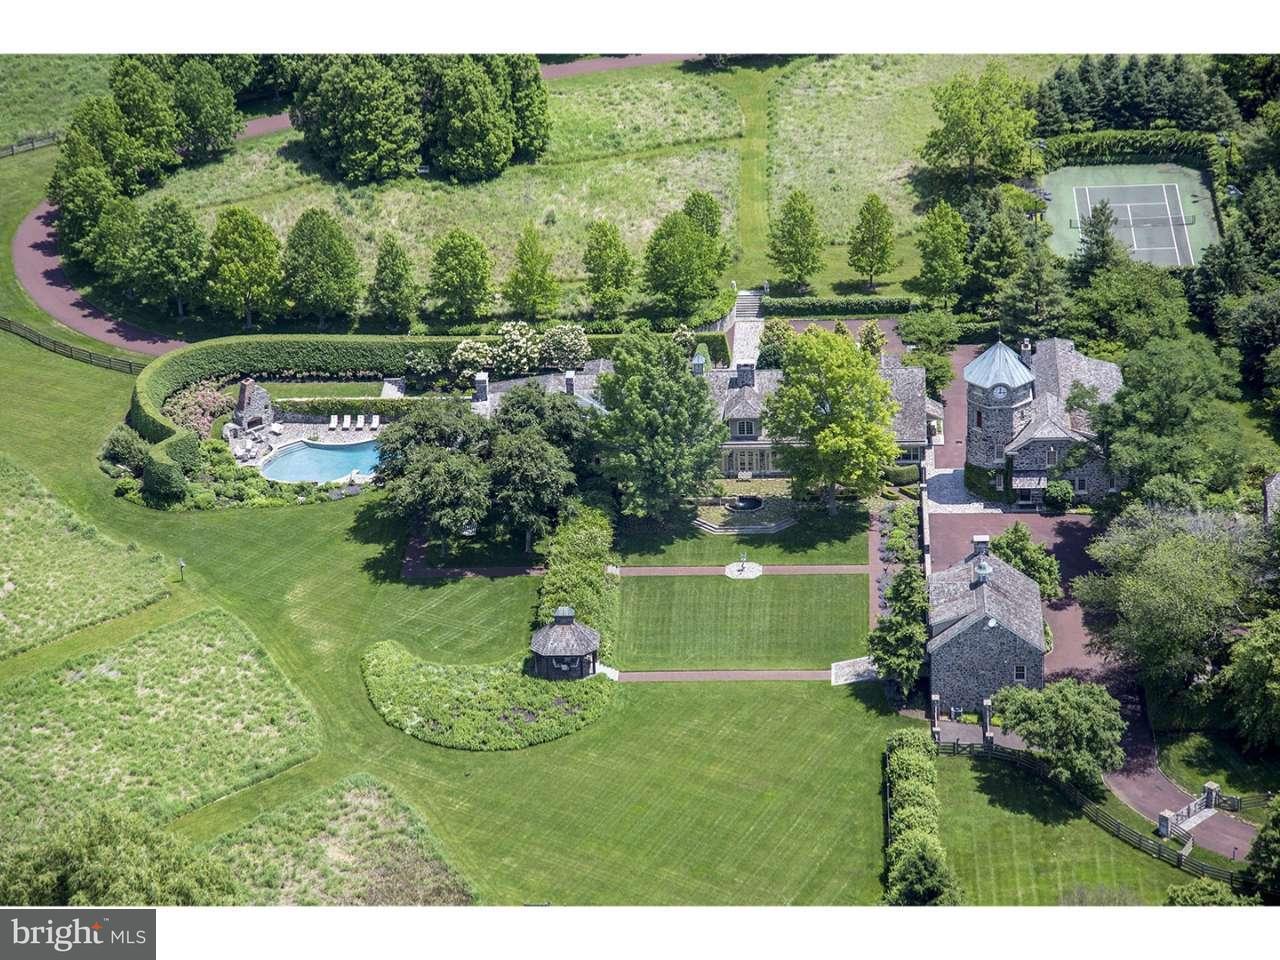 独户住宅 为 销售 在 770 GODFREY Road 维拉诺瓦, 宾夕法尼亚州 19085 美国